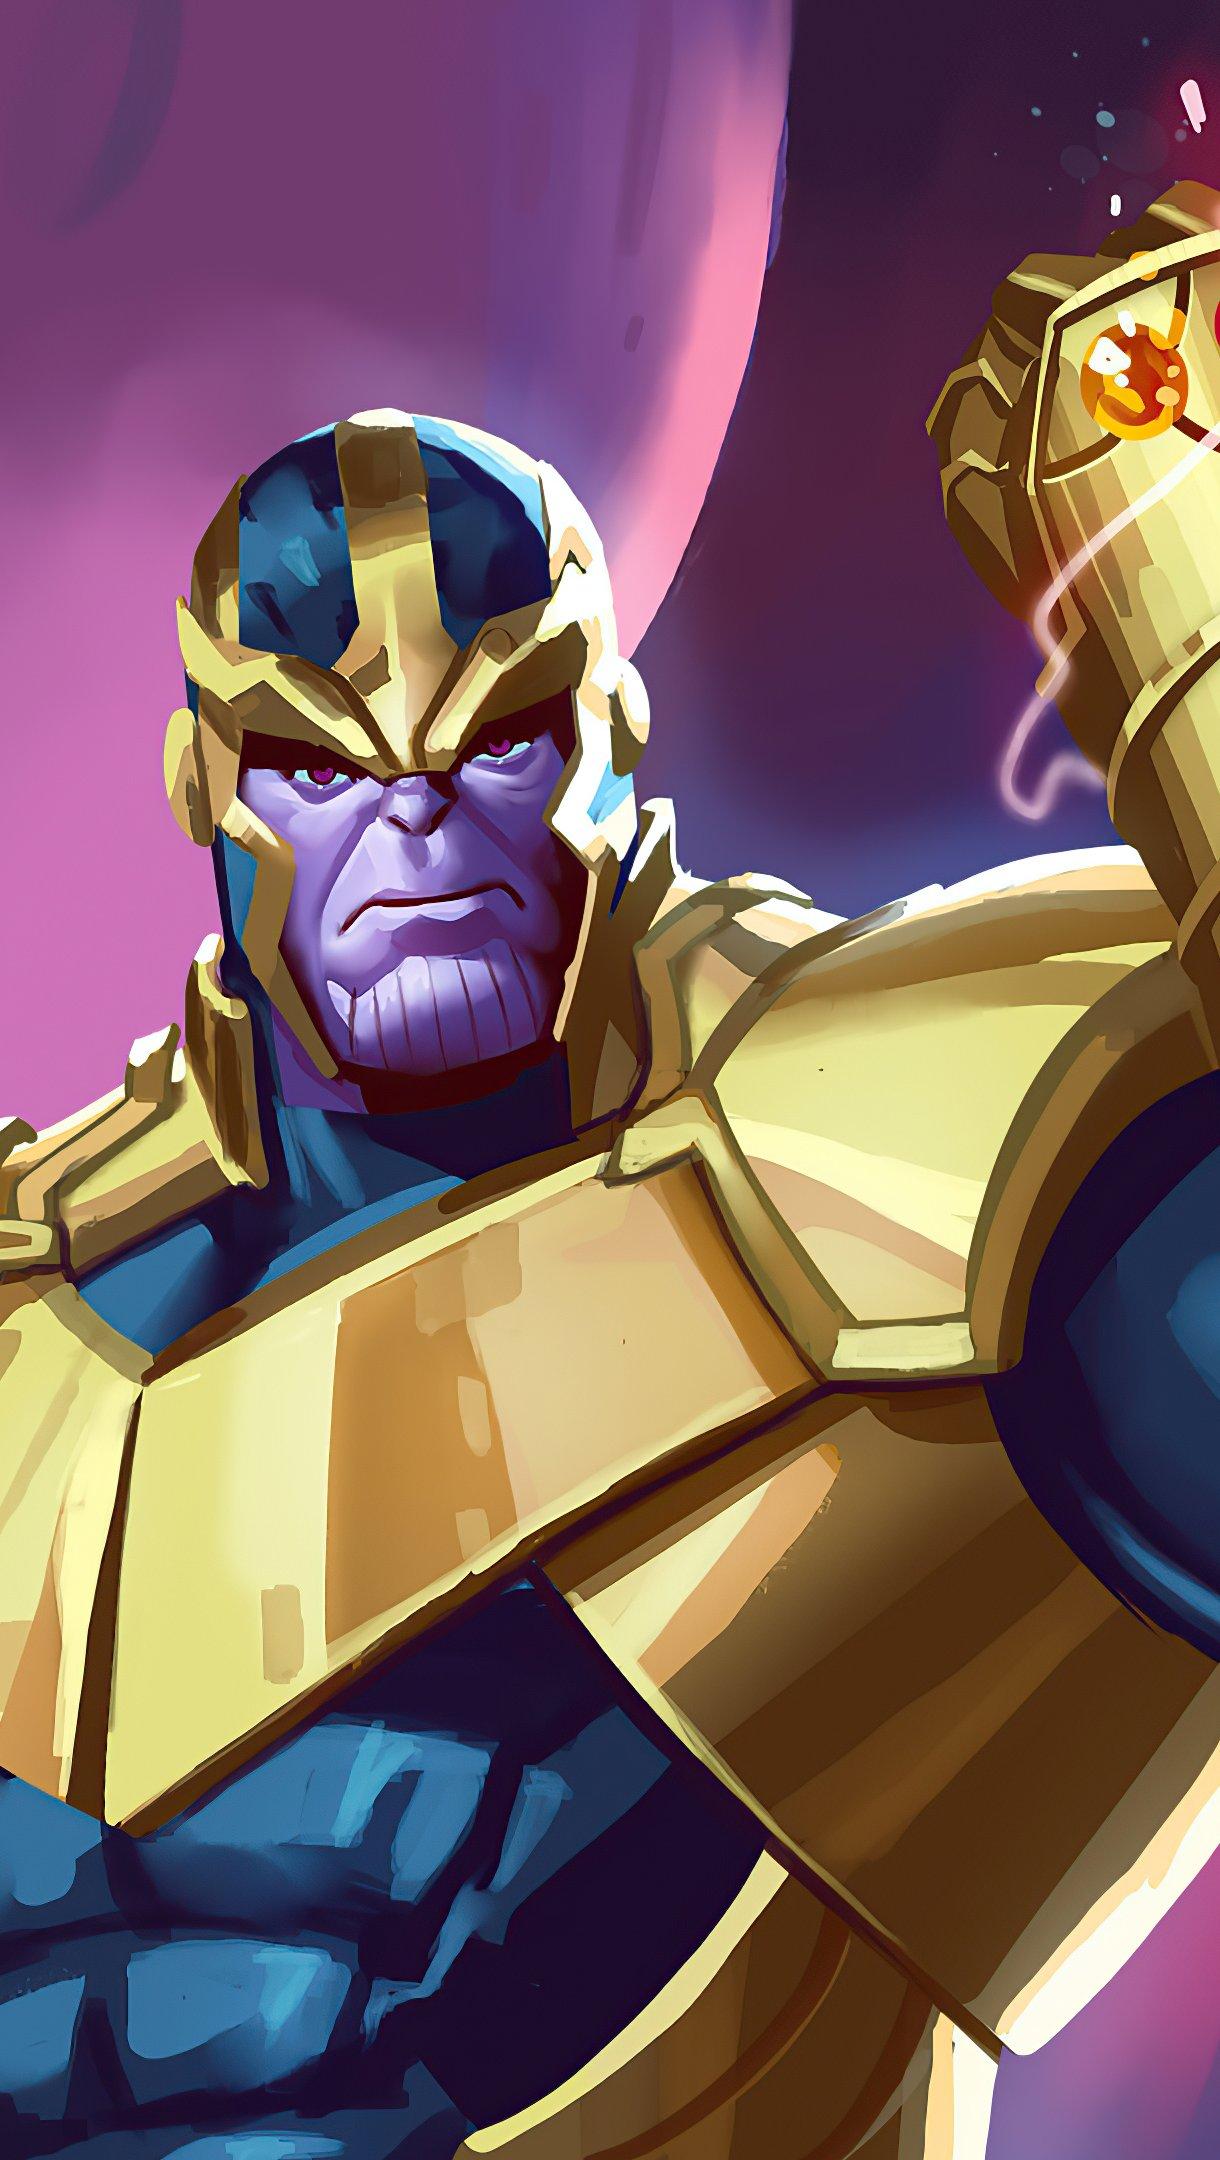 Wallpaper Thanos Artwork 2020 Vertical